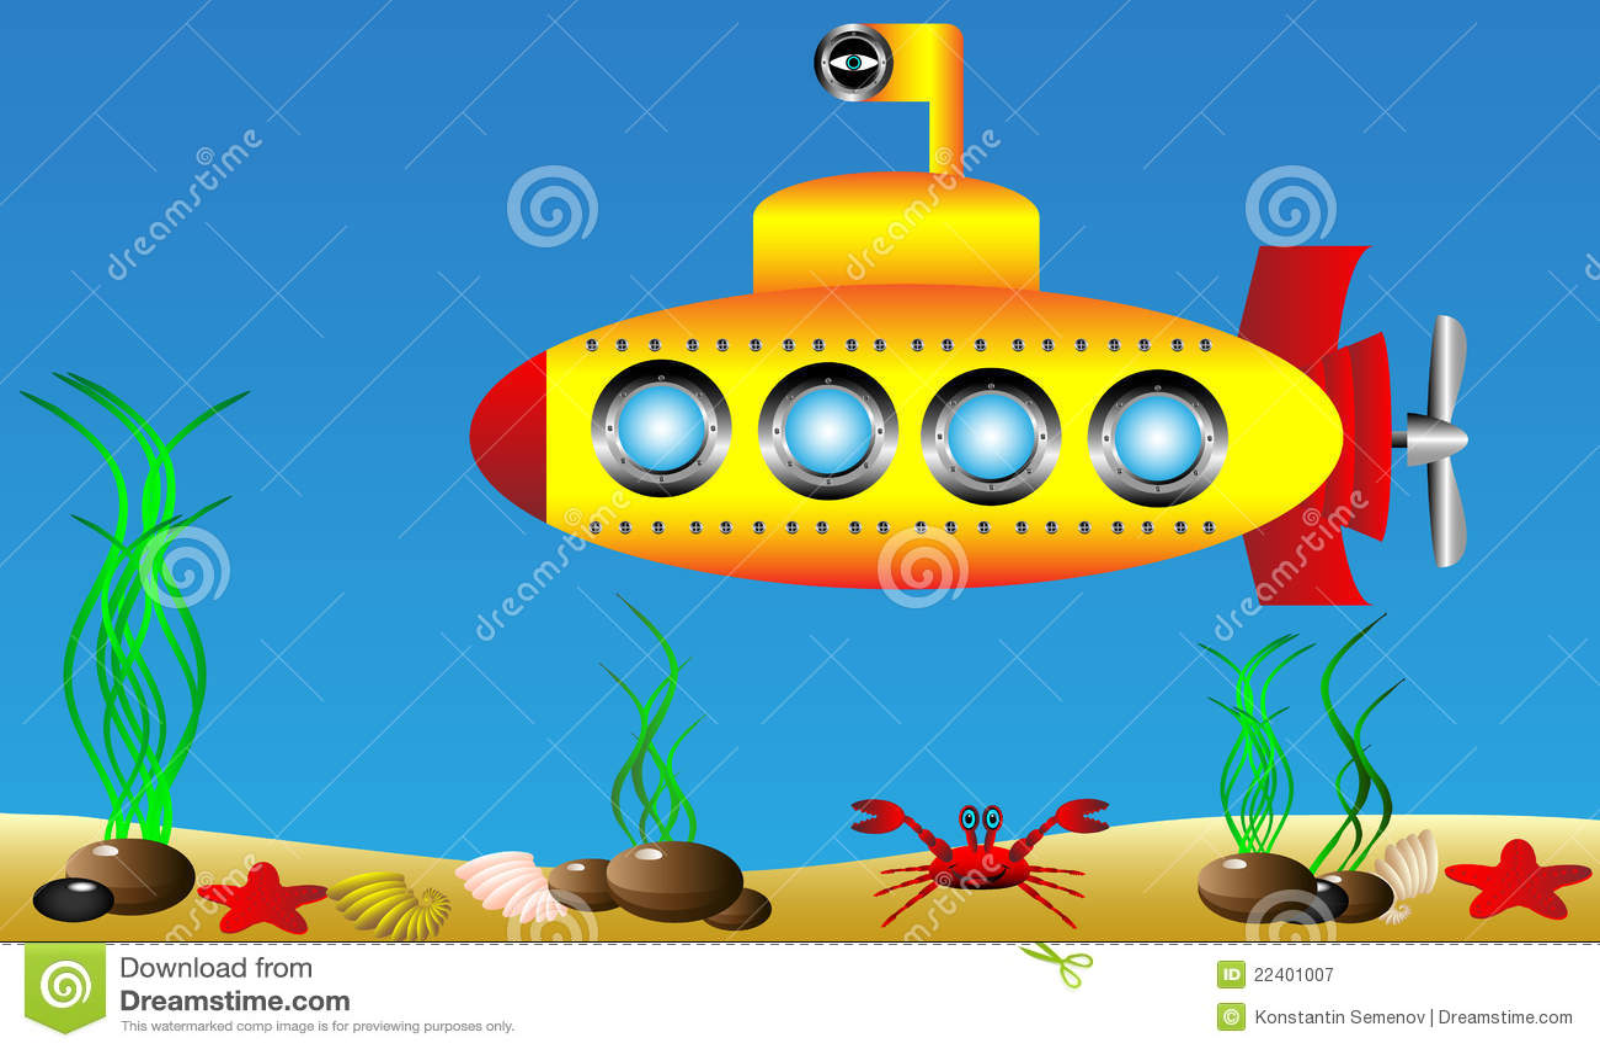 изображение подводной лодки для детей